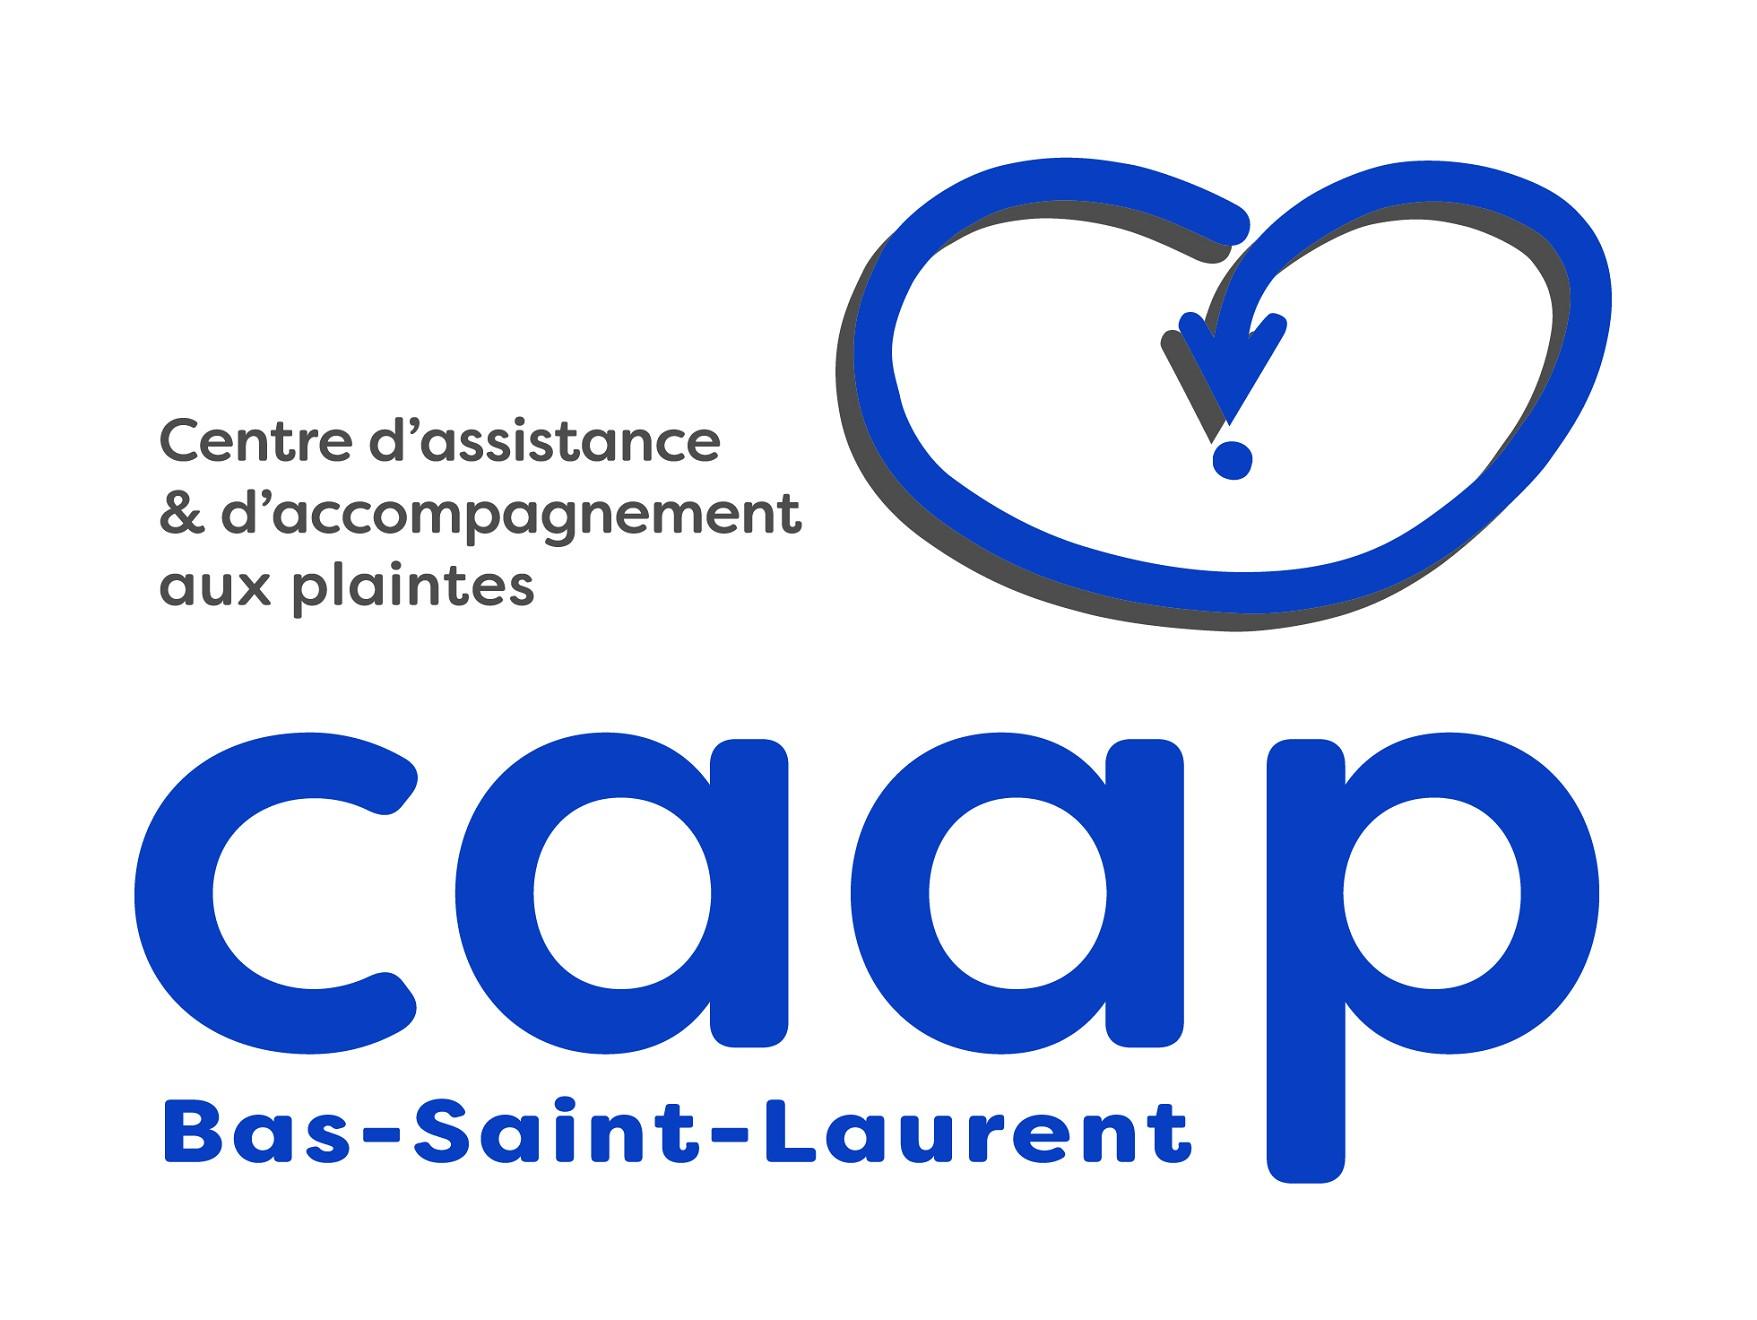 Centre d'assistance et d'accompagnement aux plaintes du Bas-Saint-Laurent (CAAP BSL)